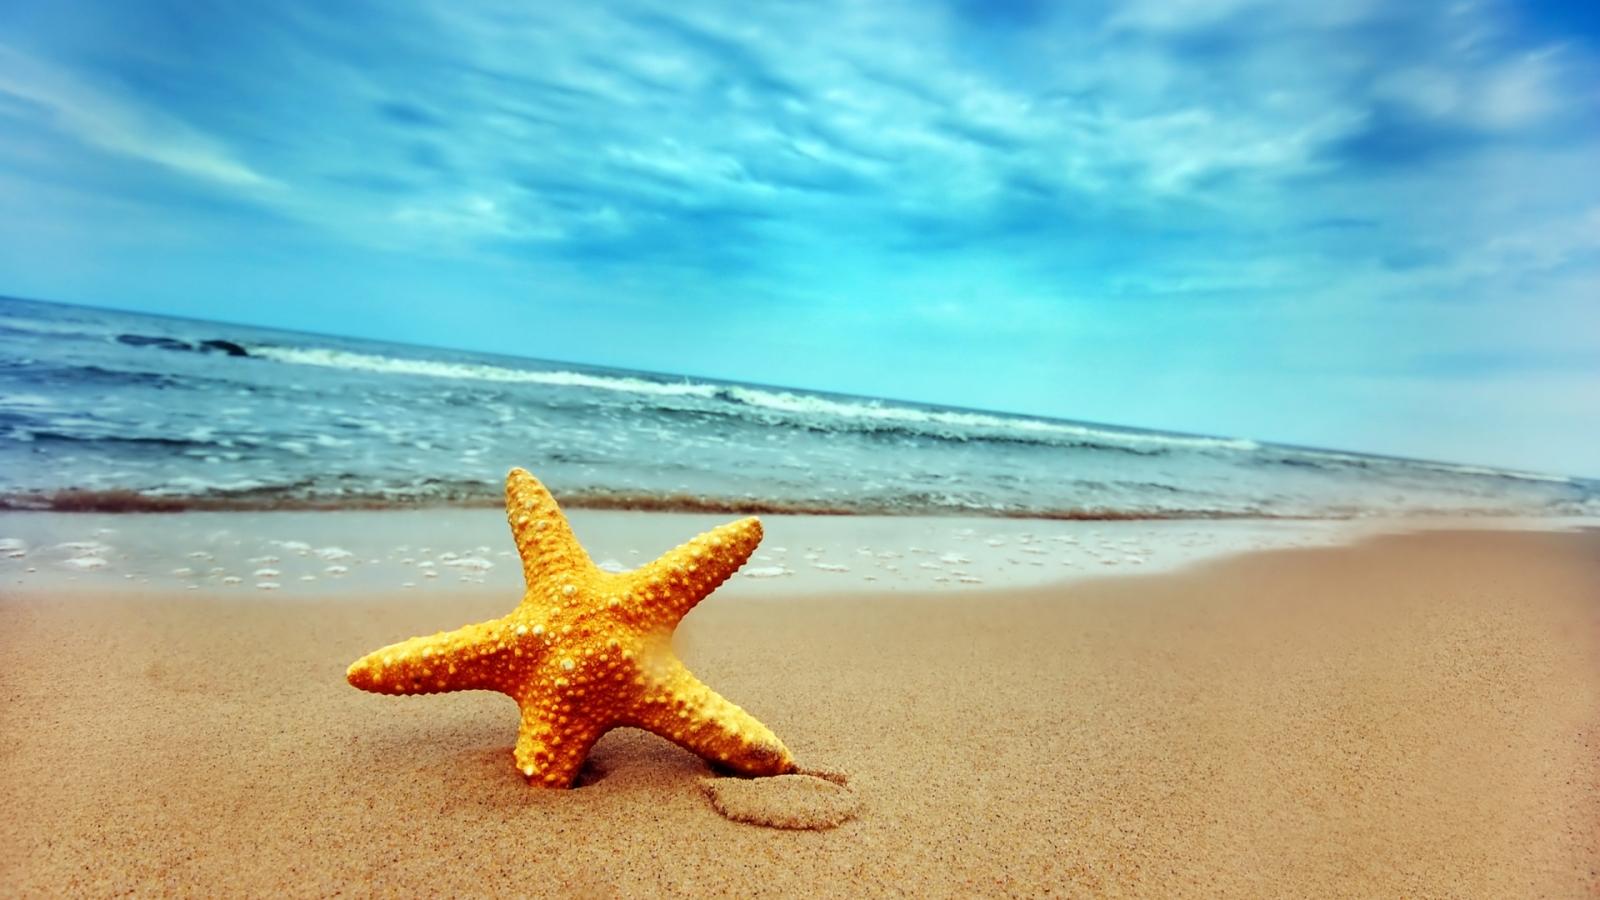 Una estrella de mar - 1600x900